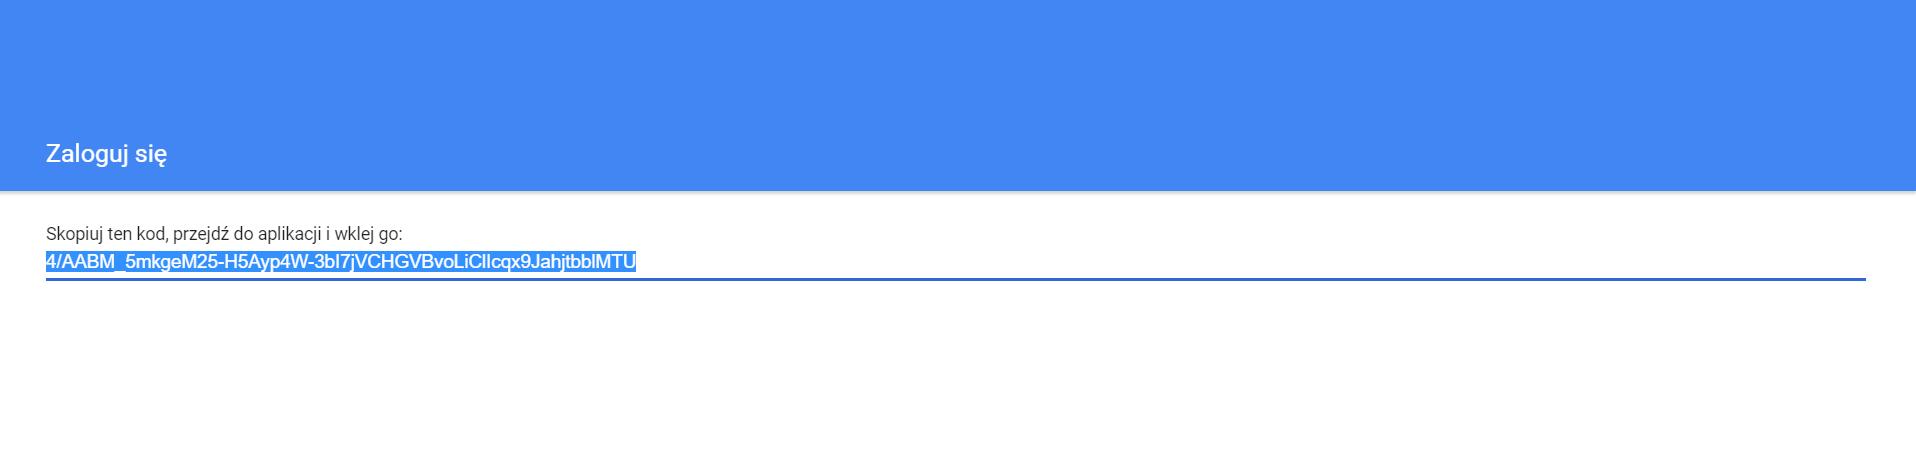 slajd5_logowanie_wysyłka_kodu